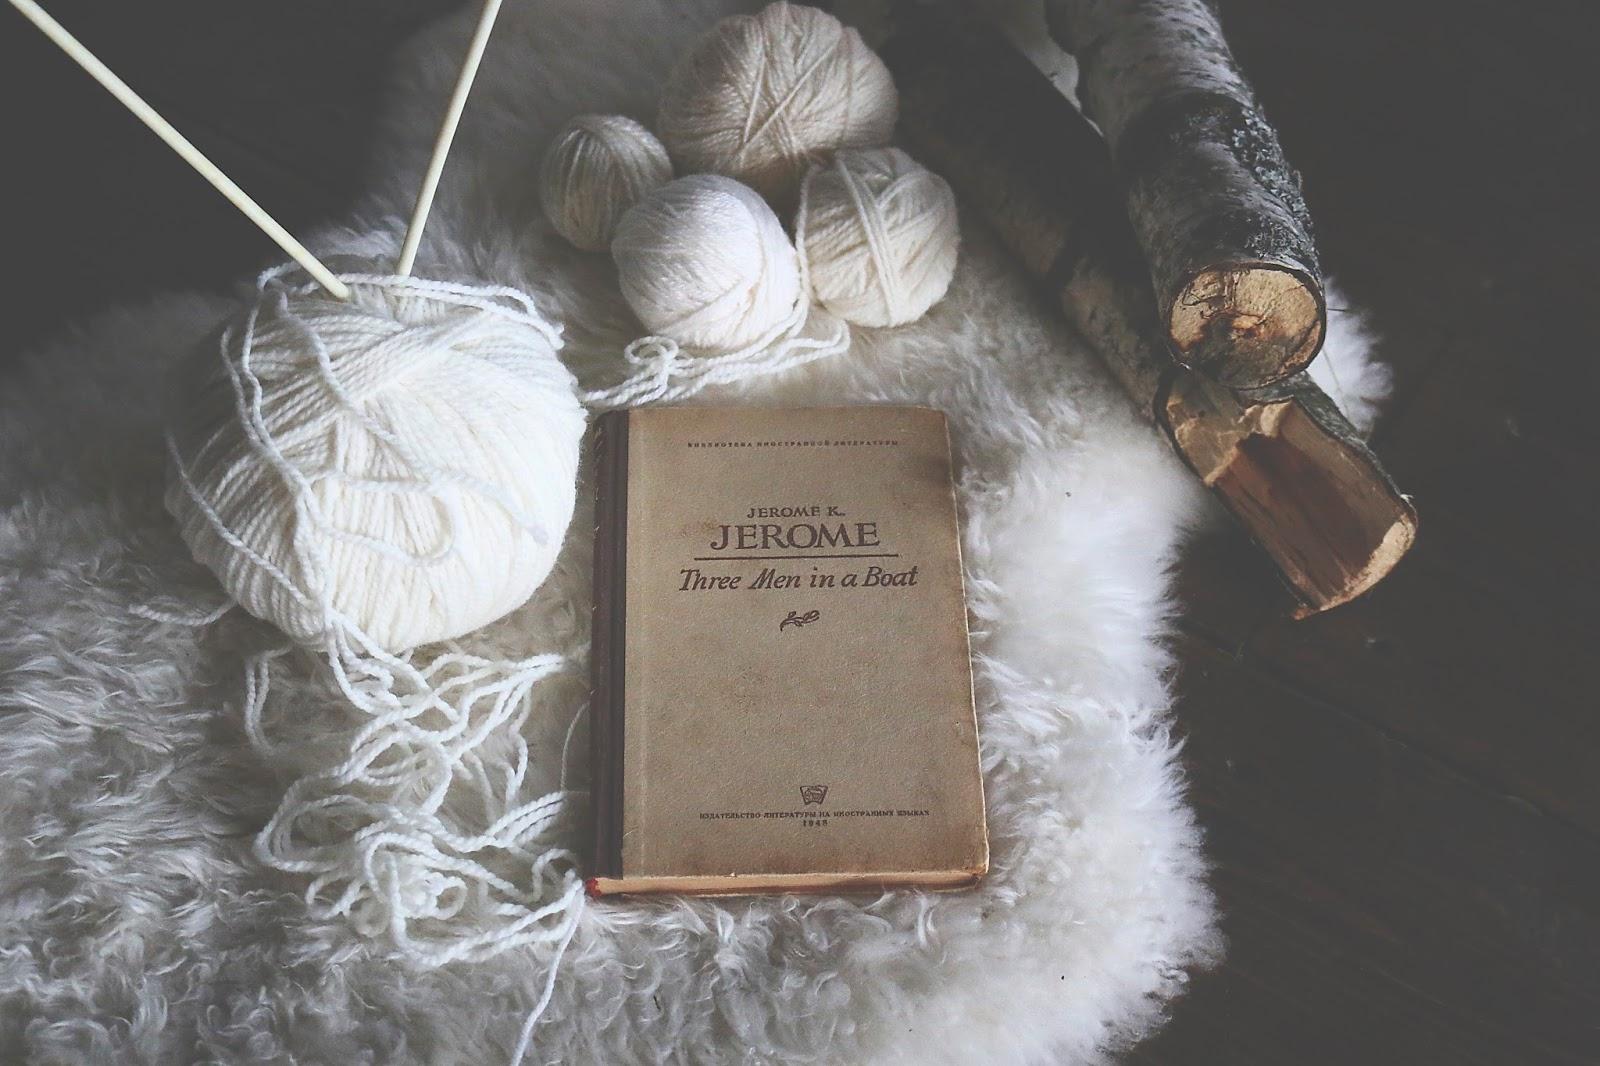 лучшая книга,винтажное фото,шерсть,клубок шерсти,фото,фотоидеи